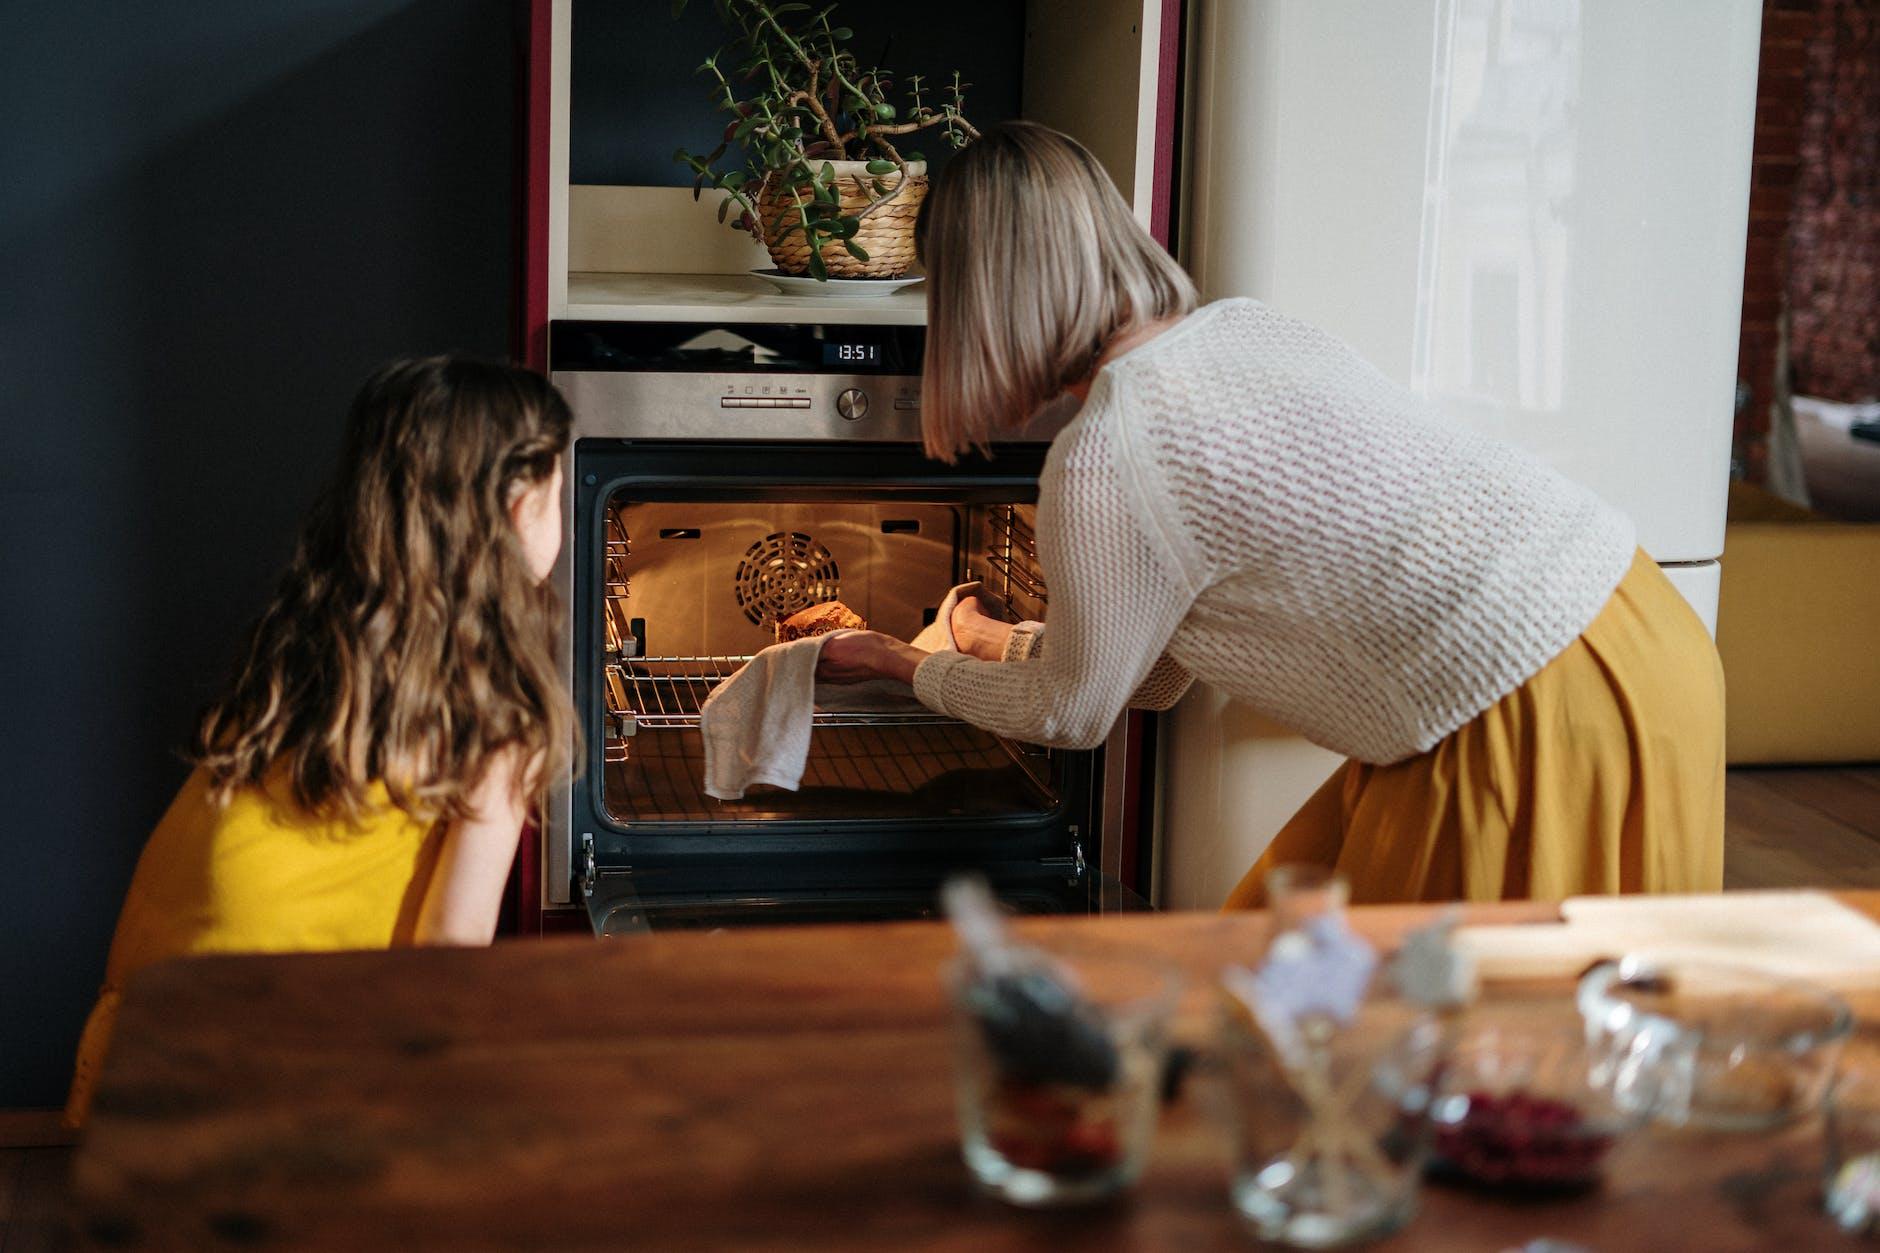 kegiatan ngabuburit seru memasak